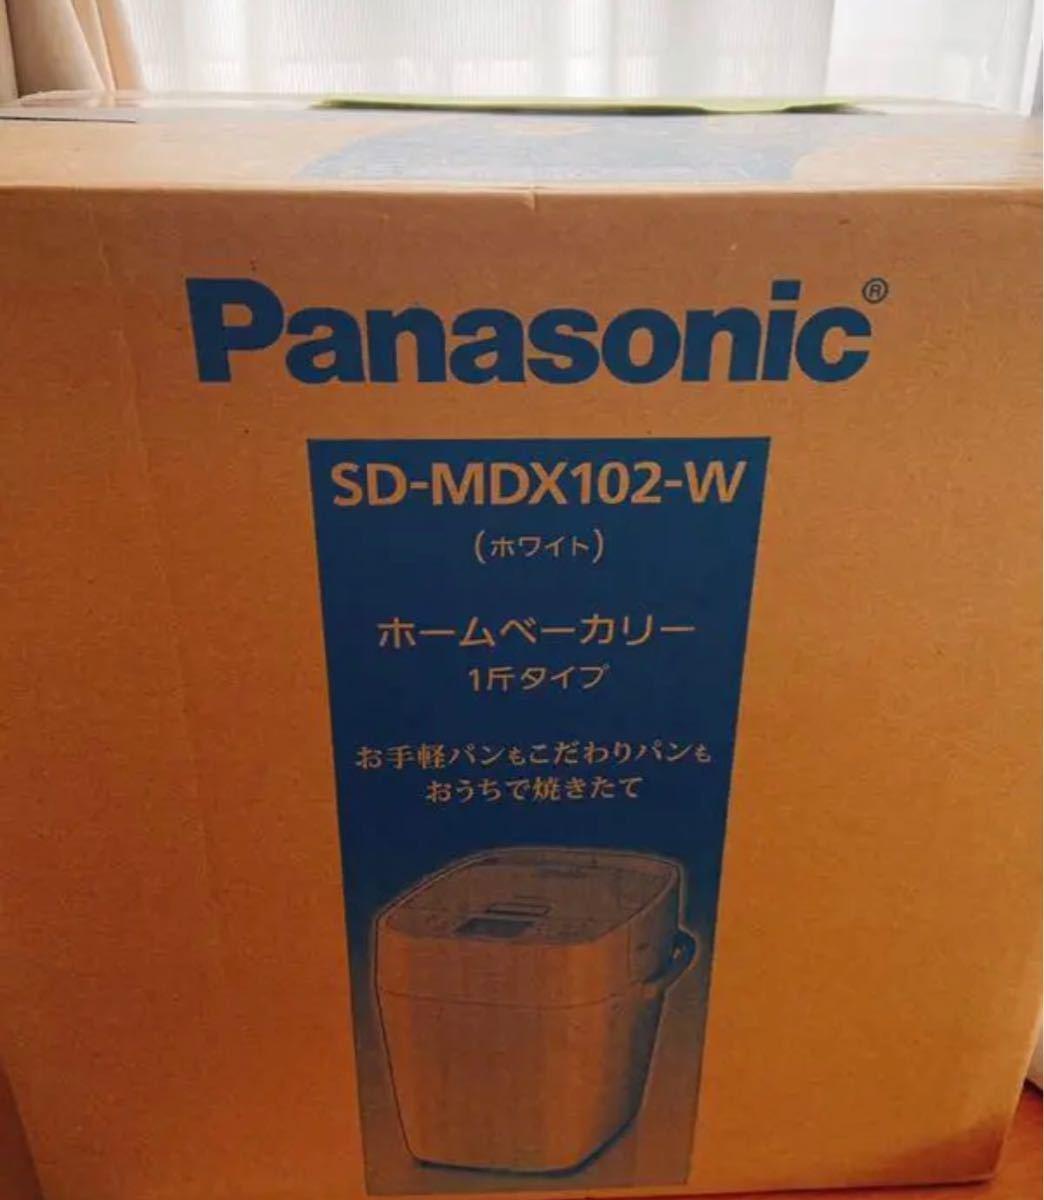 未開封 Panasonic パナソニックホームベーカリー SD-MDX102-W